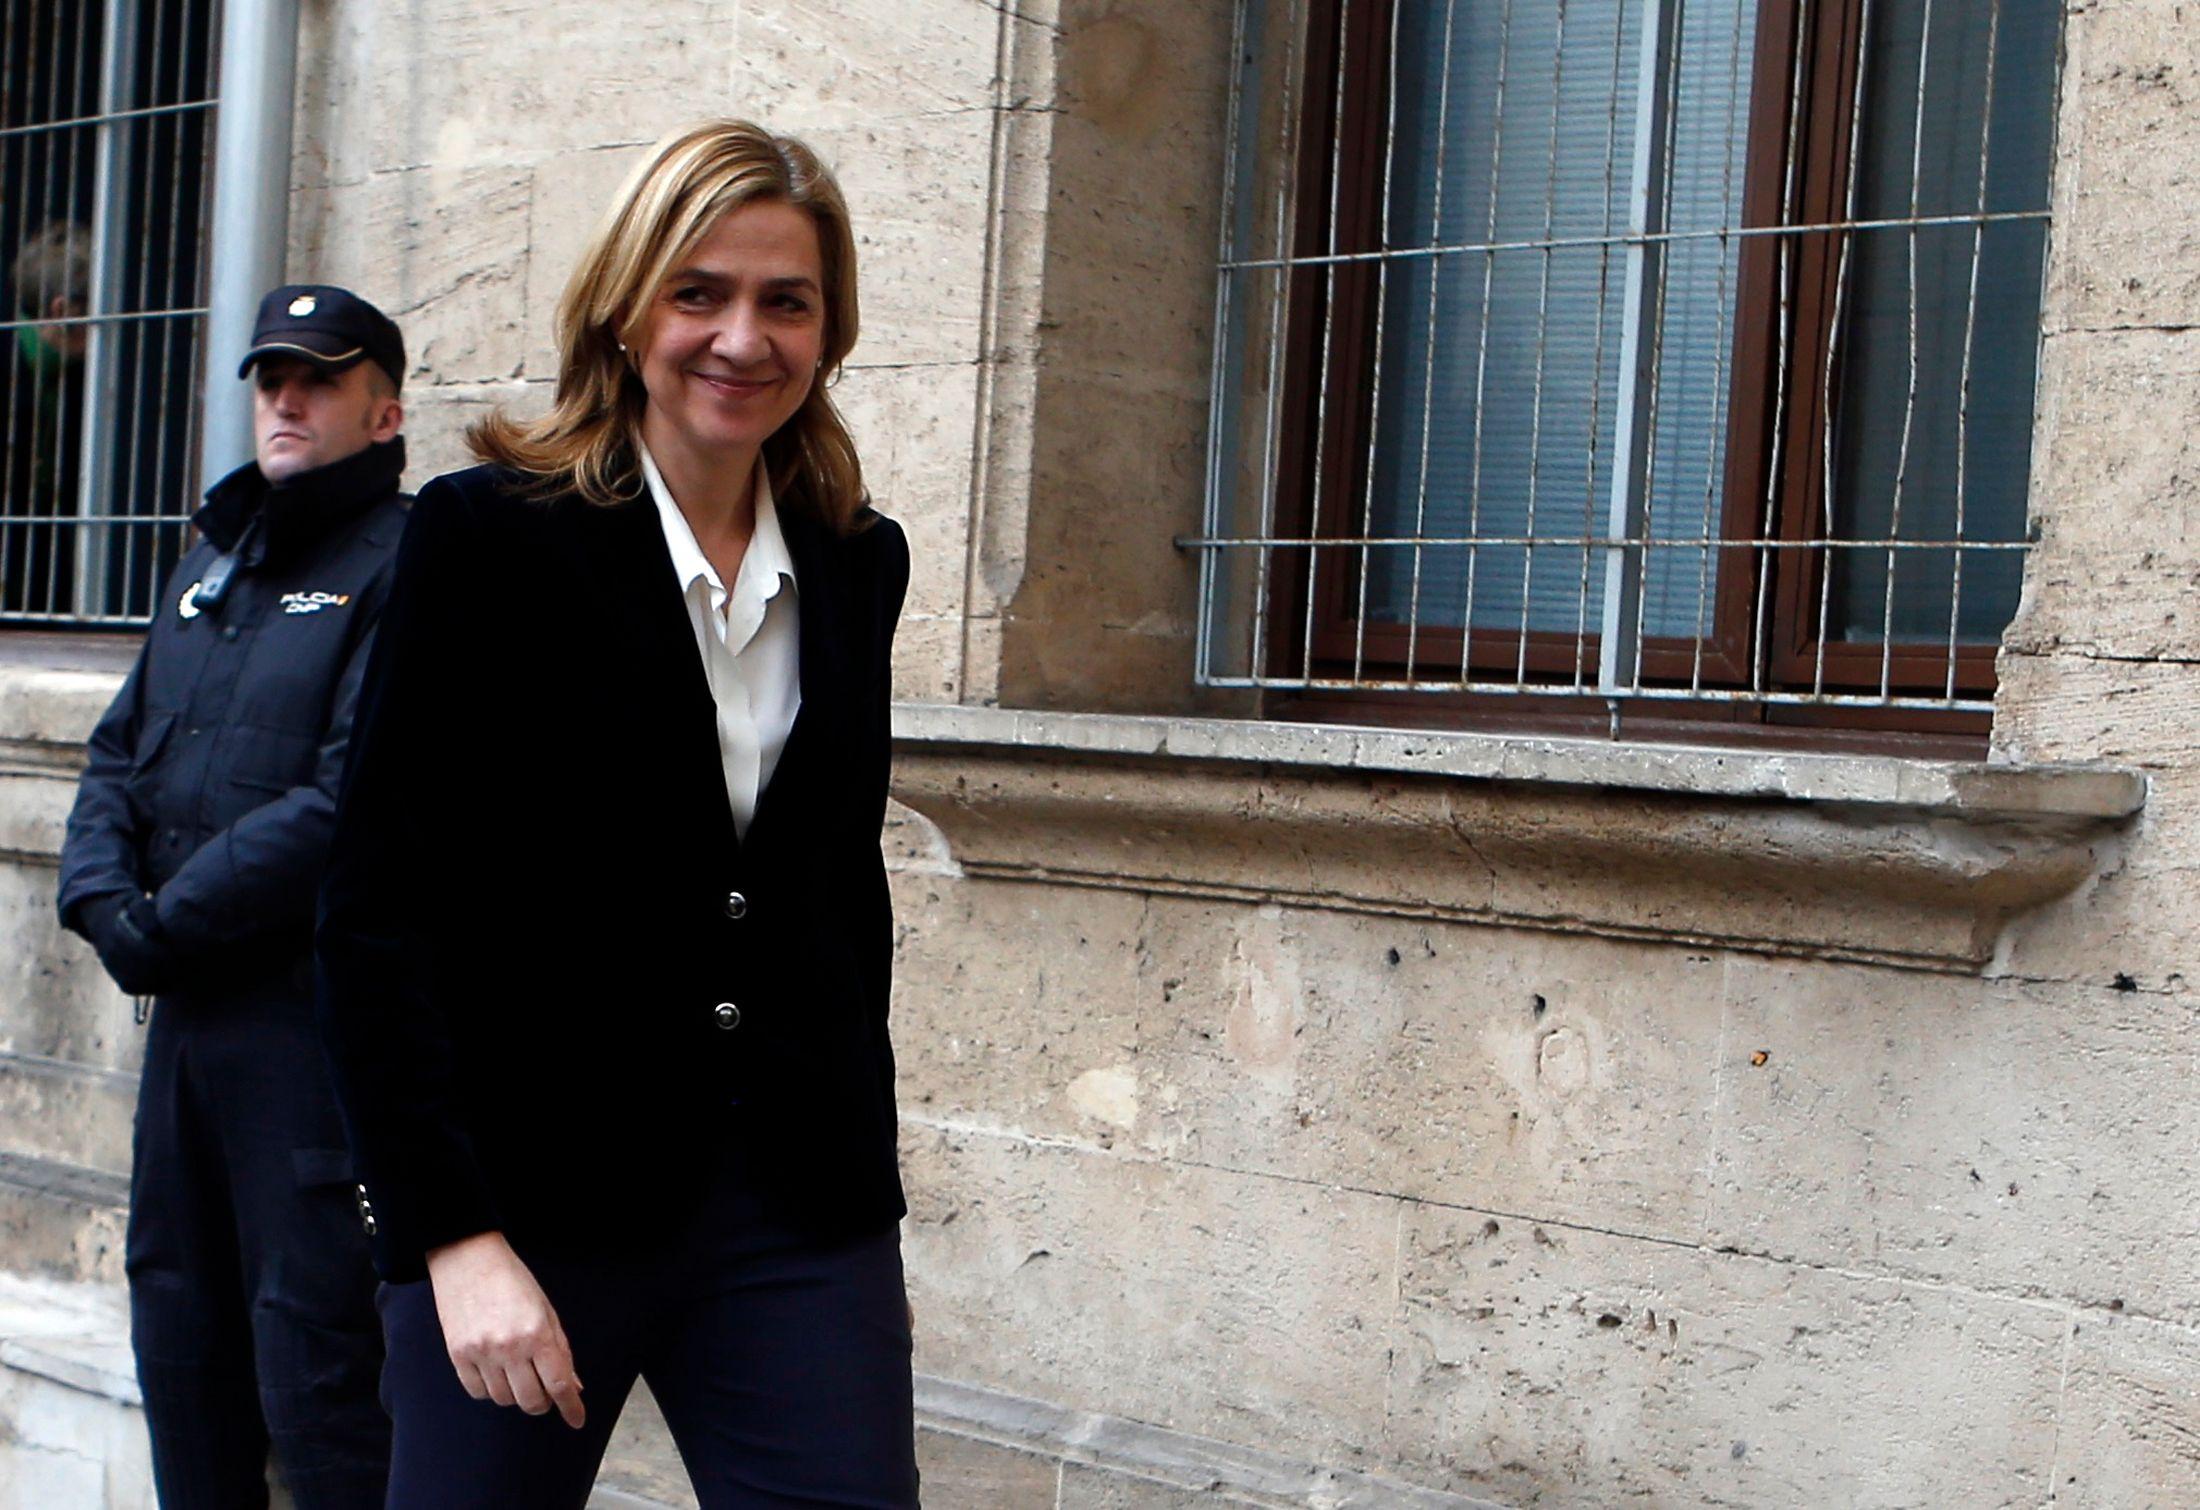 Espagne : l'infante Cristina, fille du roi Juan Carlos, au tribunal pour fraude fiscale